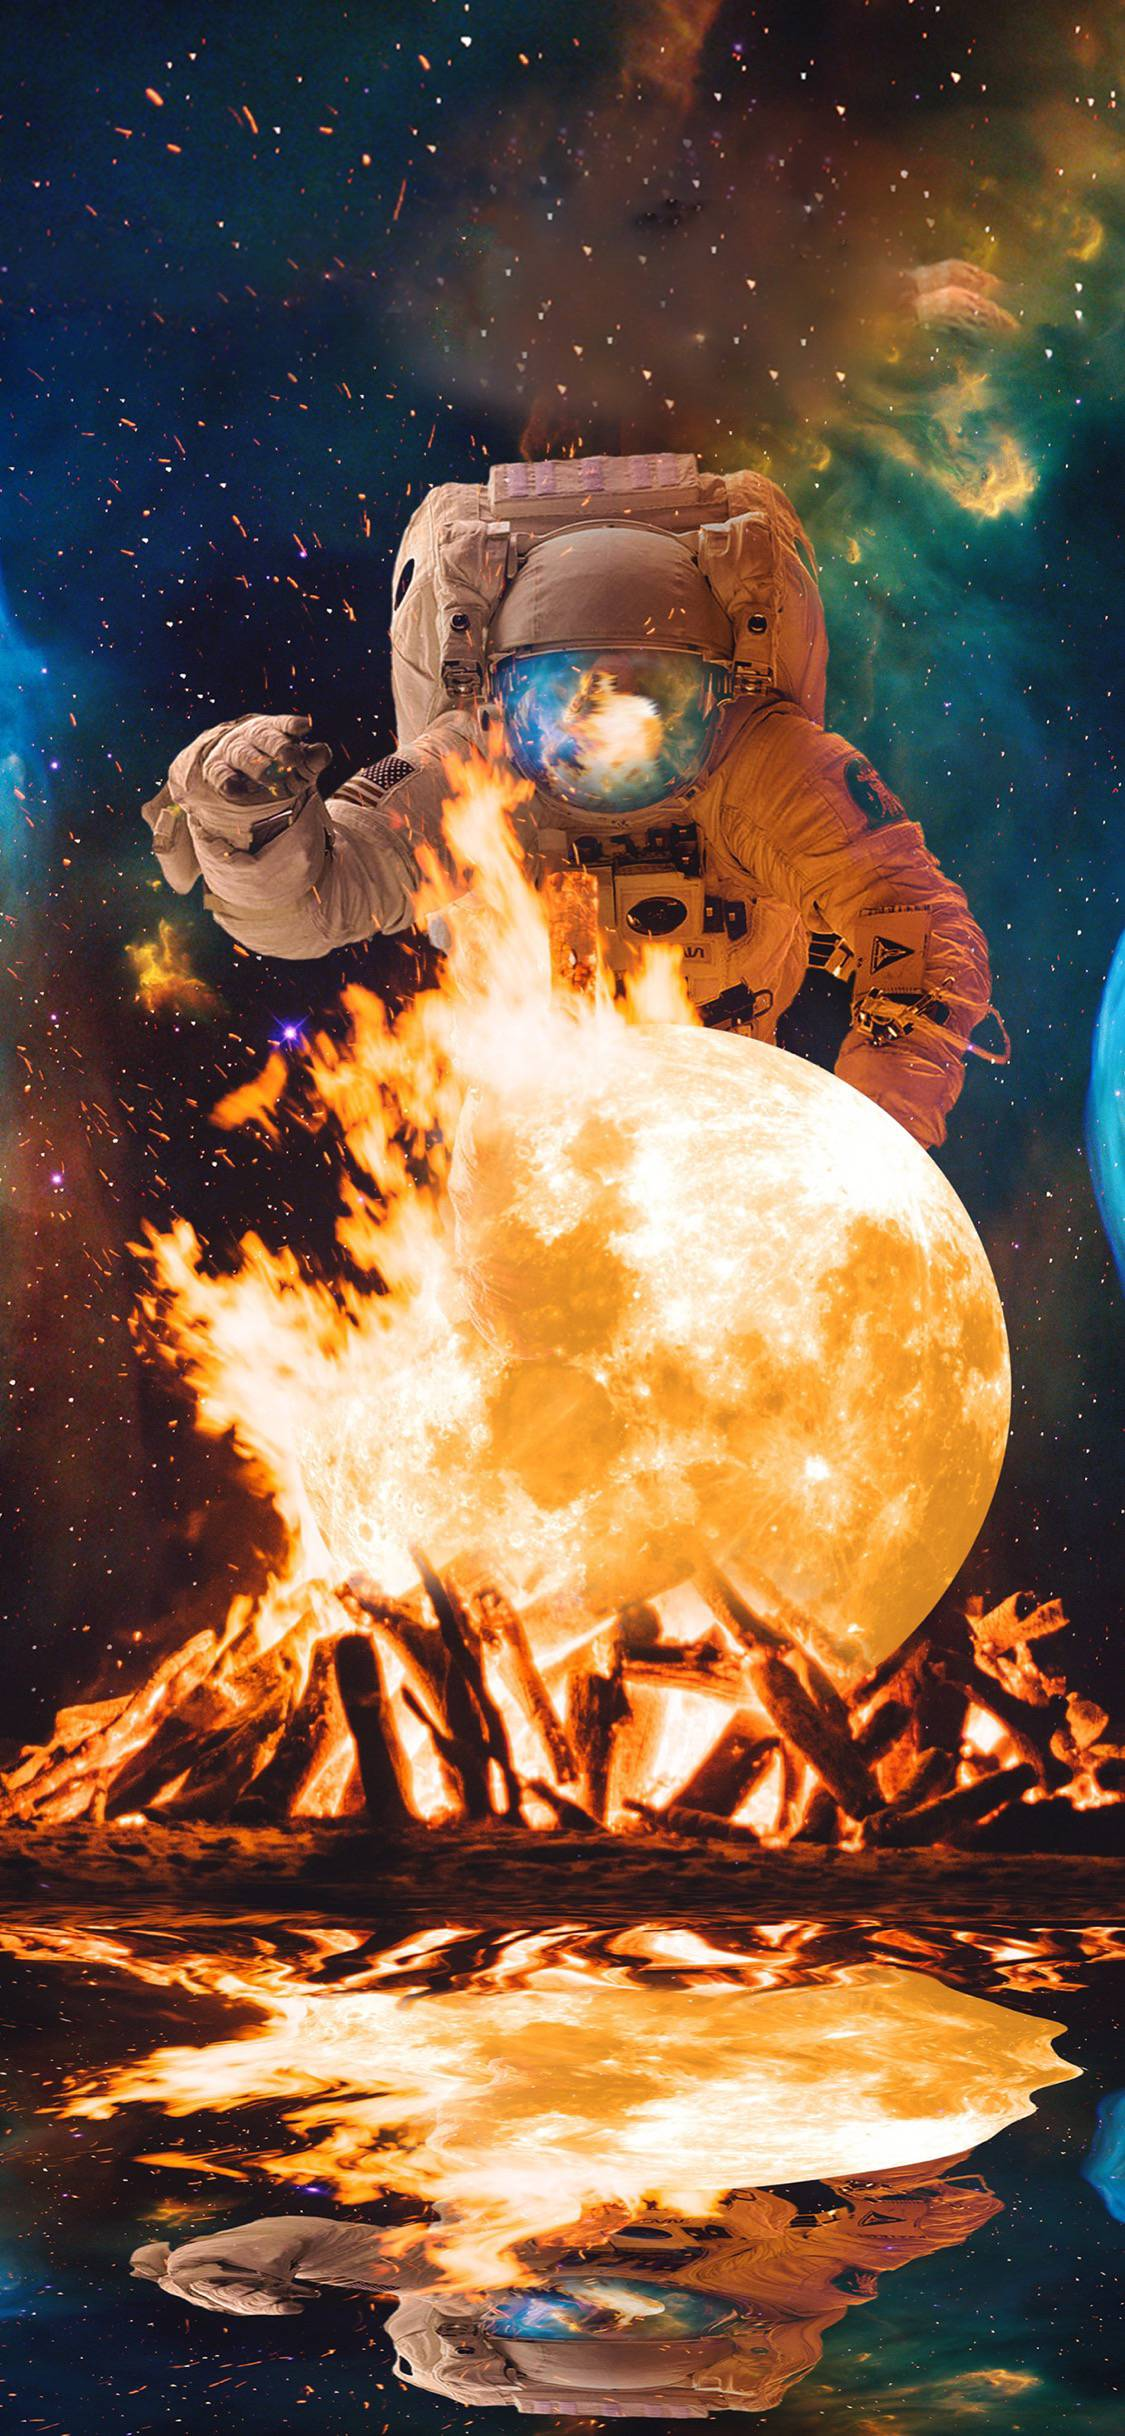 Космический очаг солнце космос космонавт земля звезды